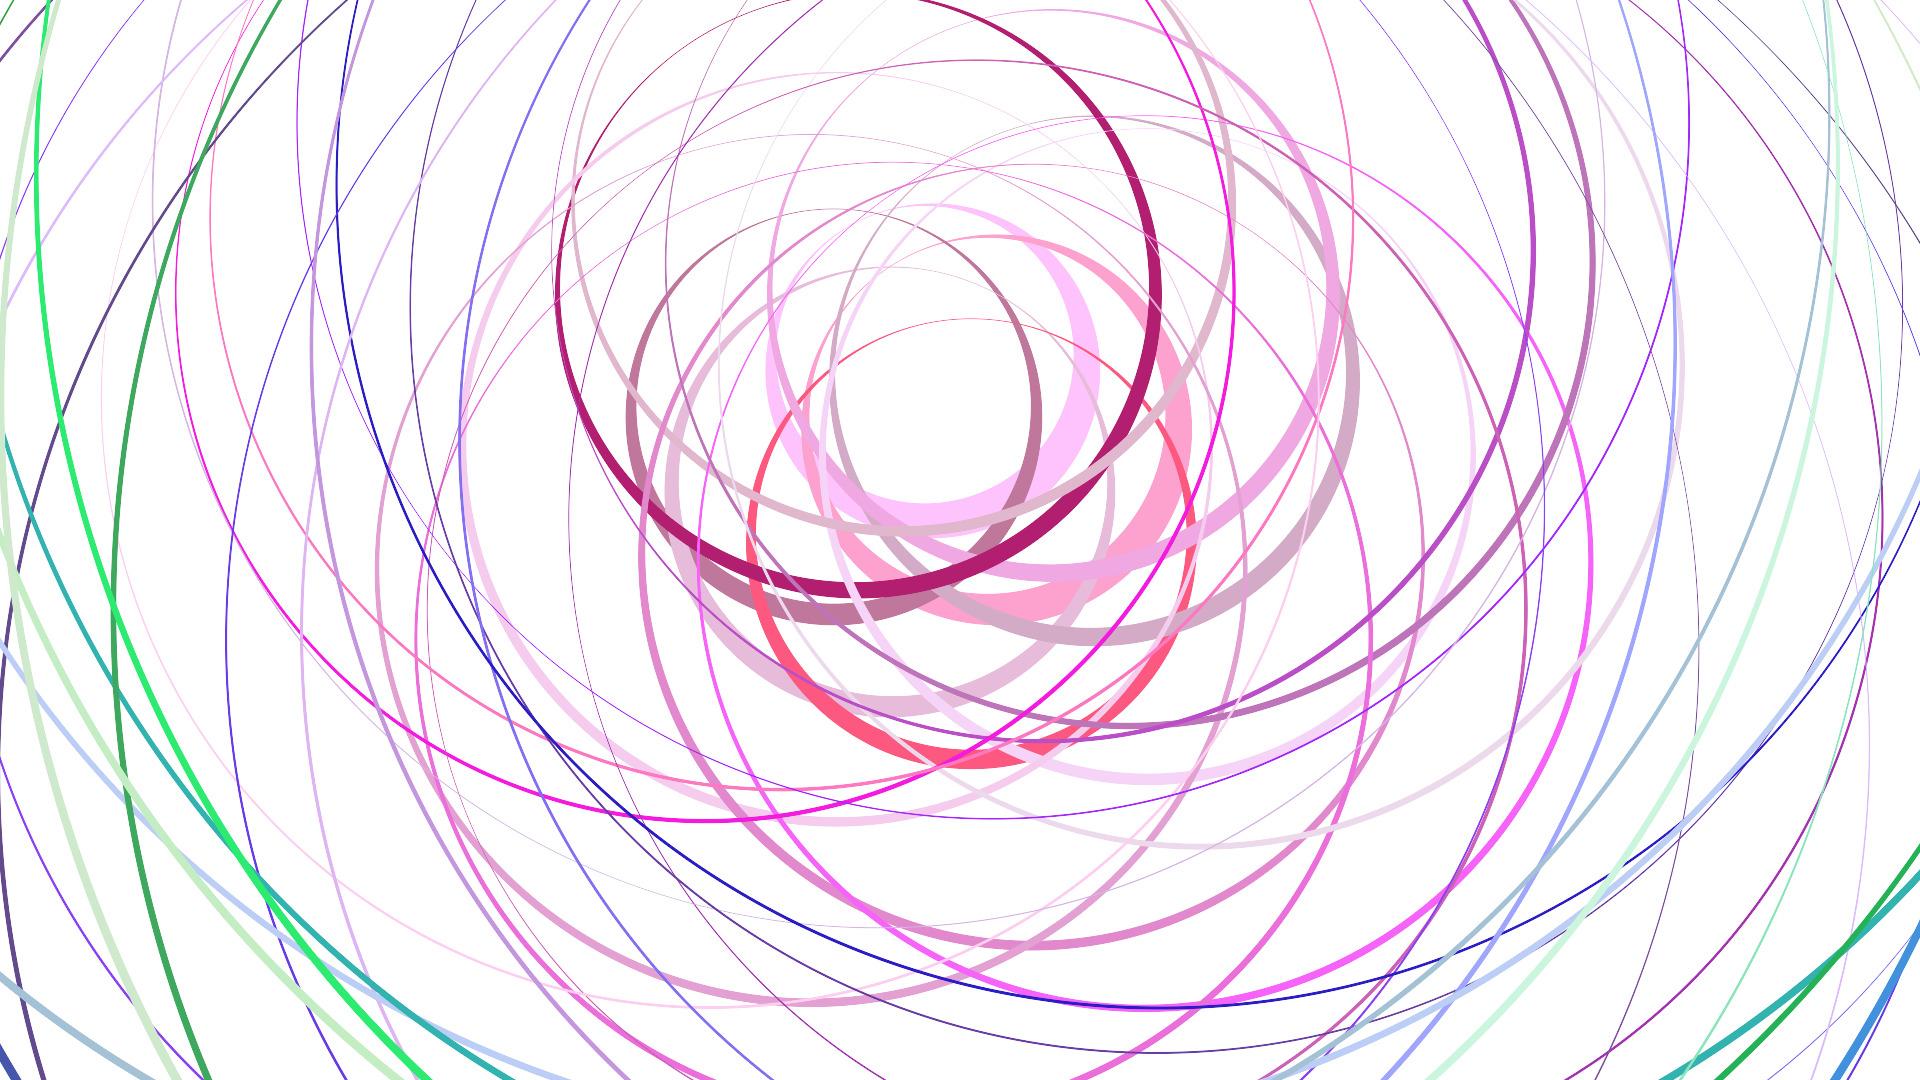 kompozice kruhy